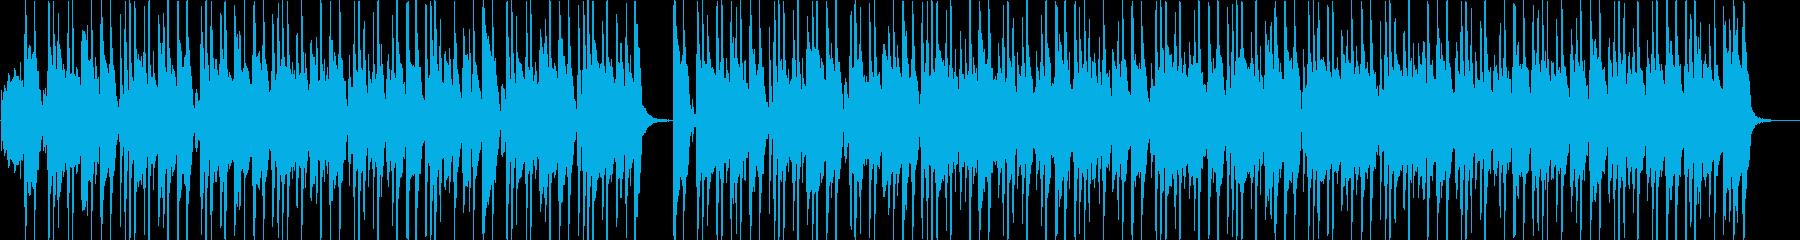 ピアノとギターが楽しいジャズロックの再生済みの波形